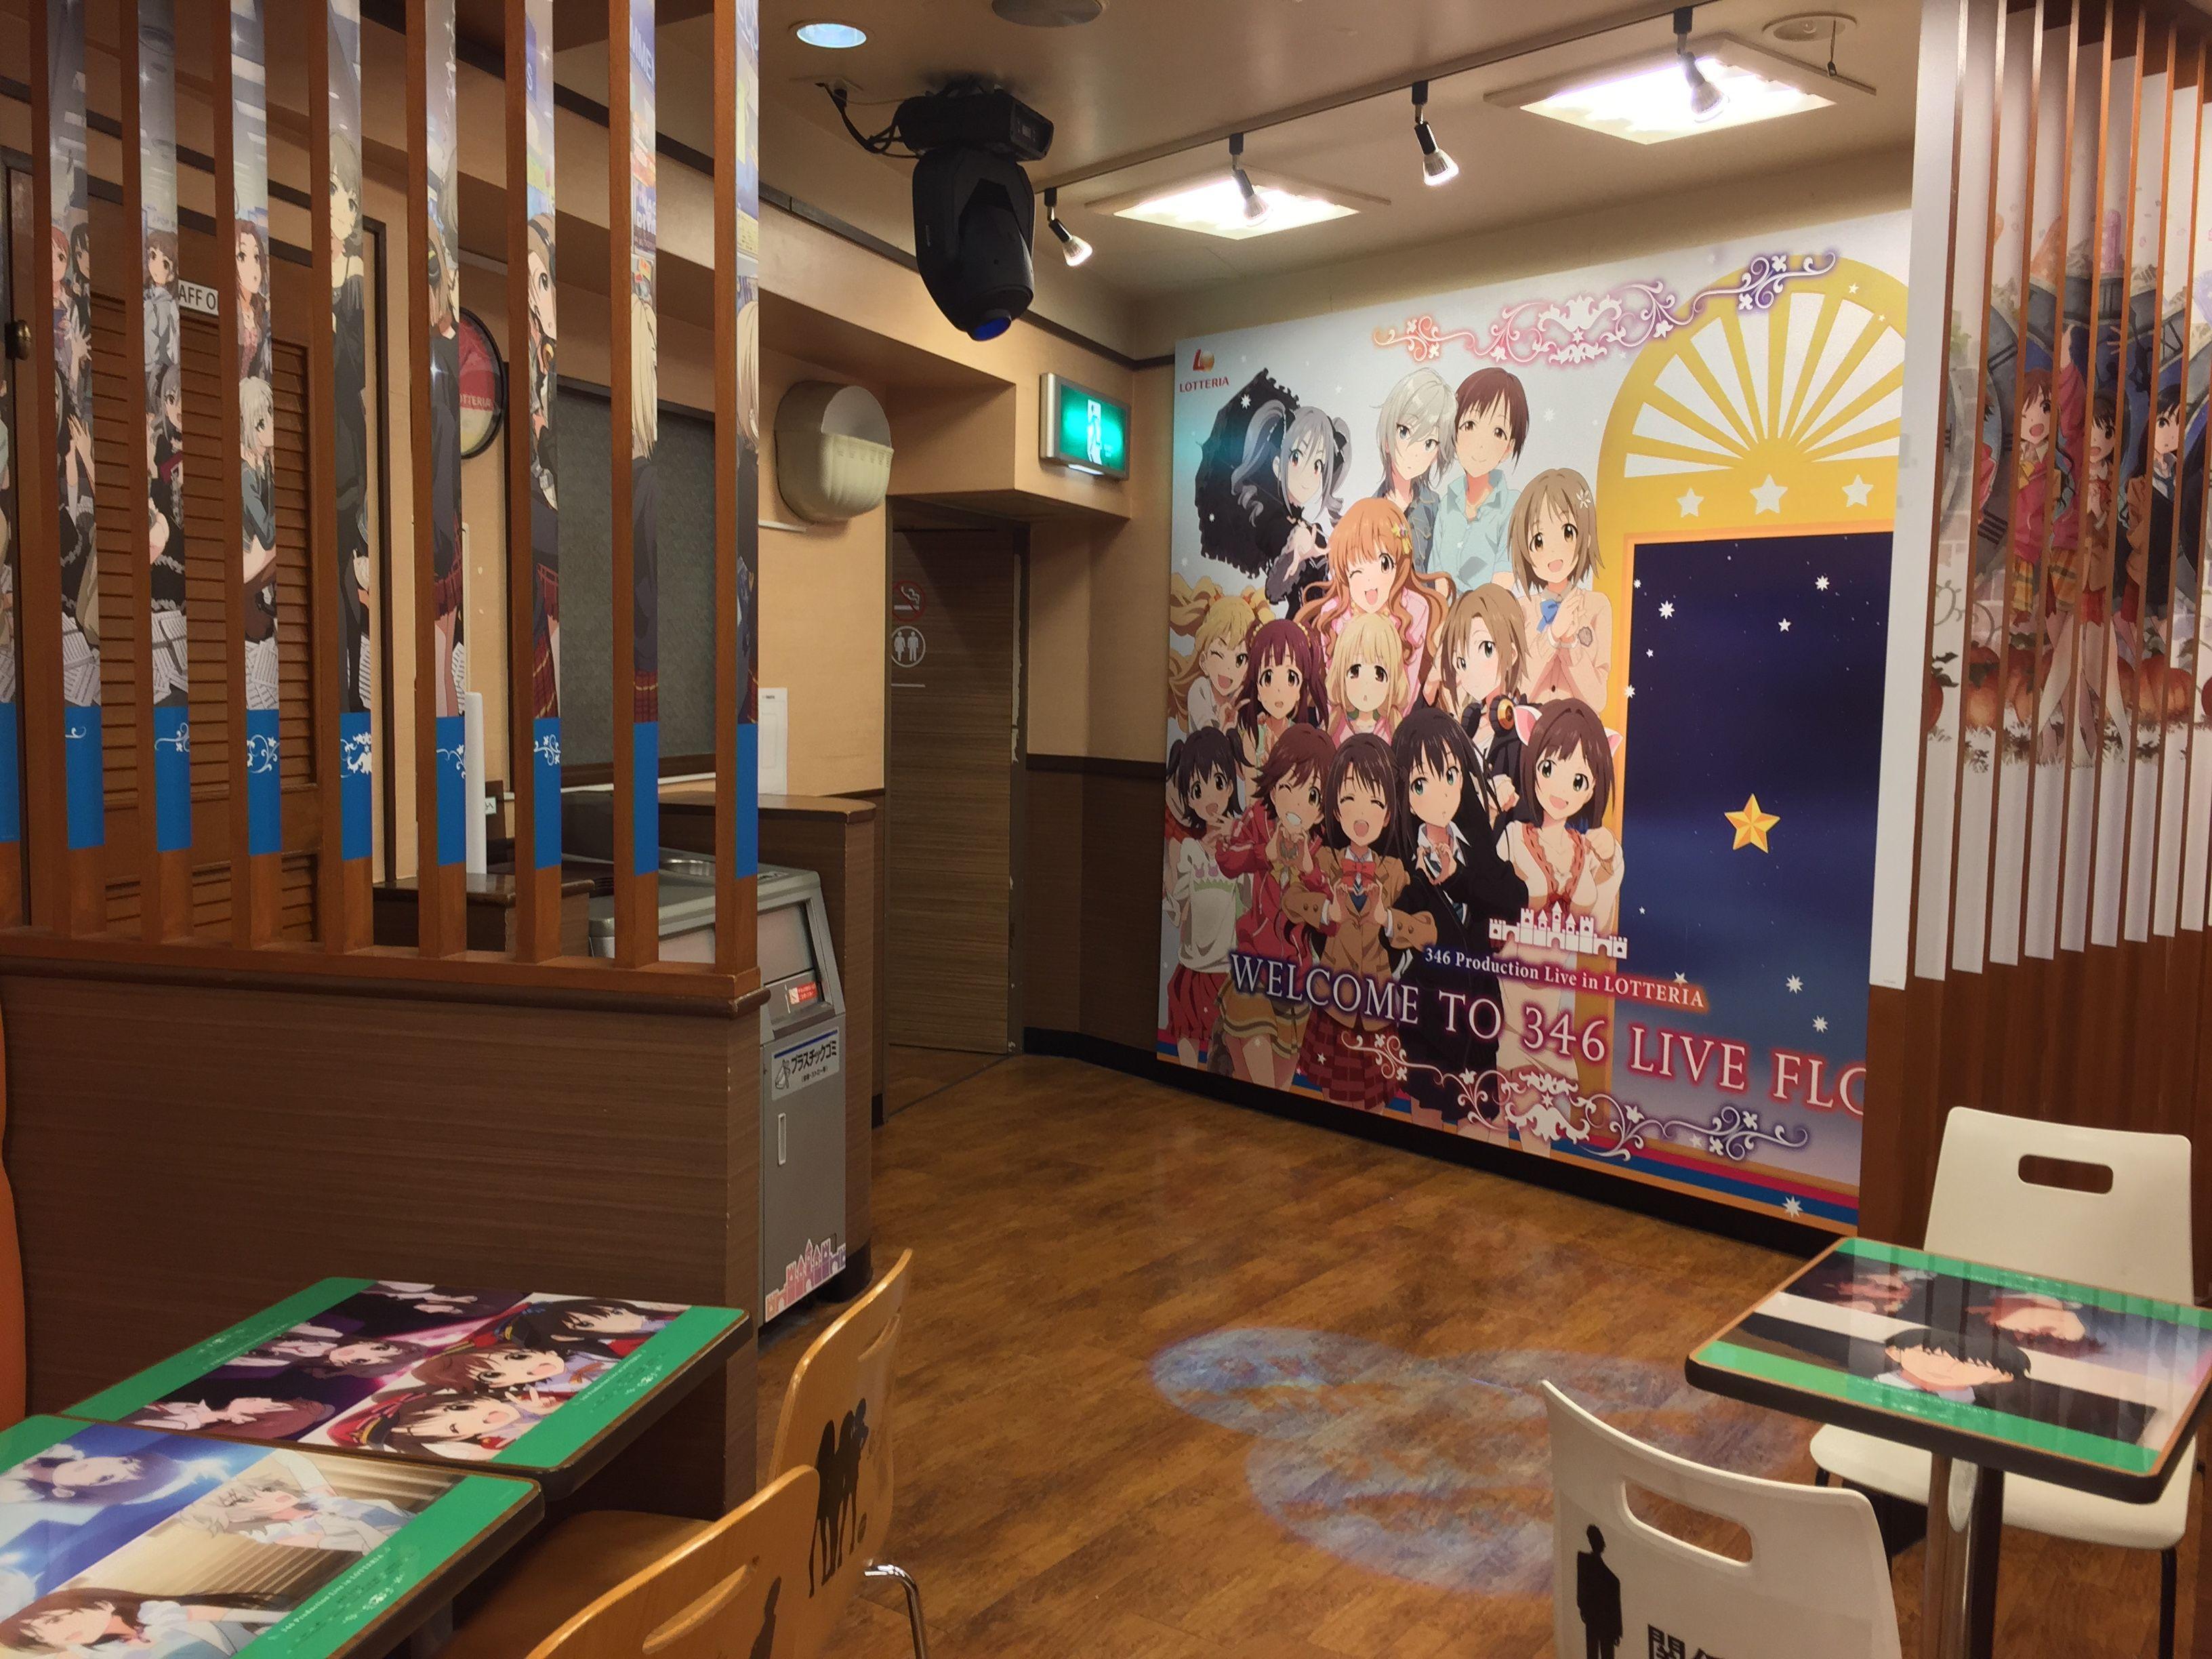 Lotteria Ikebukuro Seibu Mae Toshima Ku Tokyo Japan Chicken Burger Set